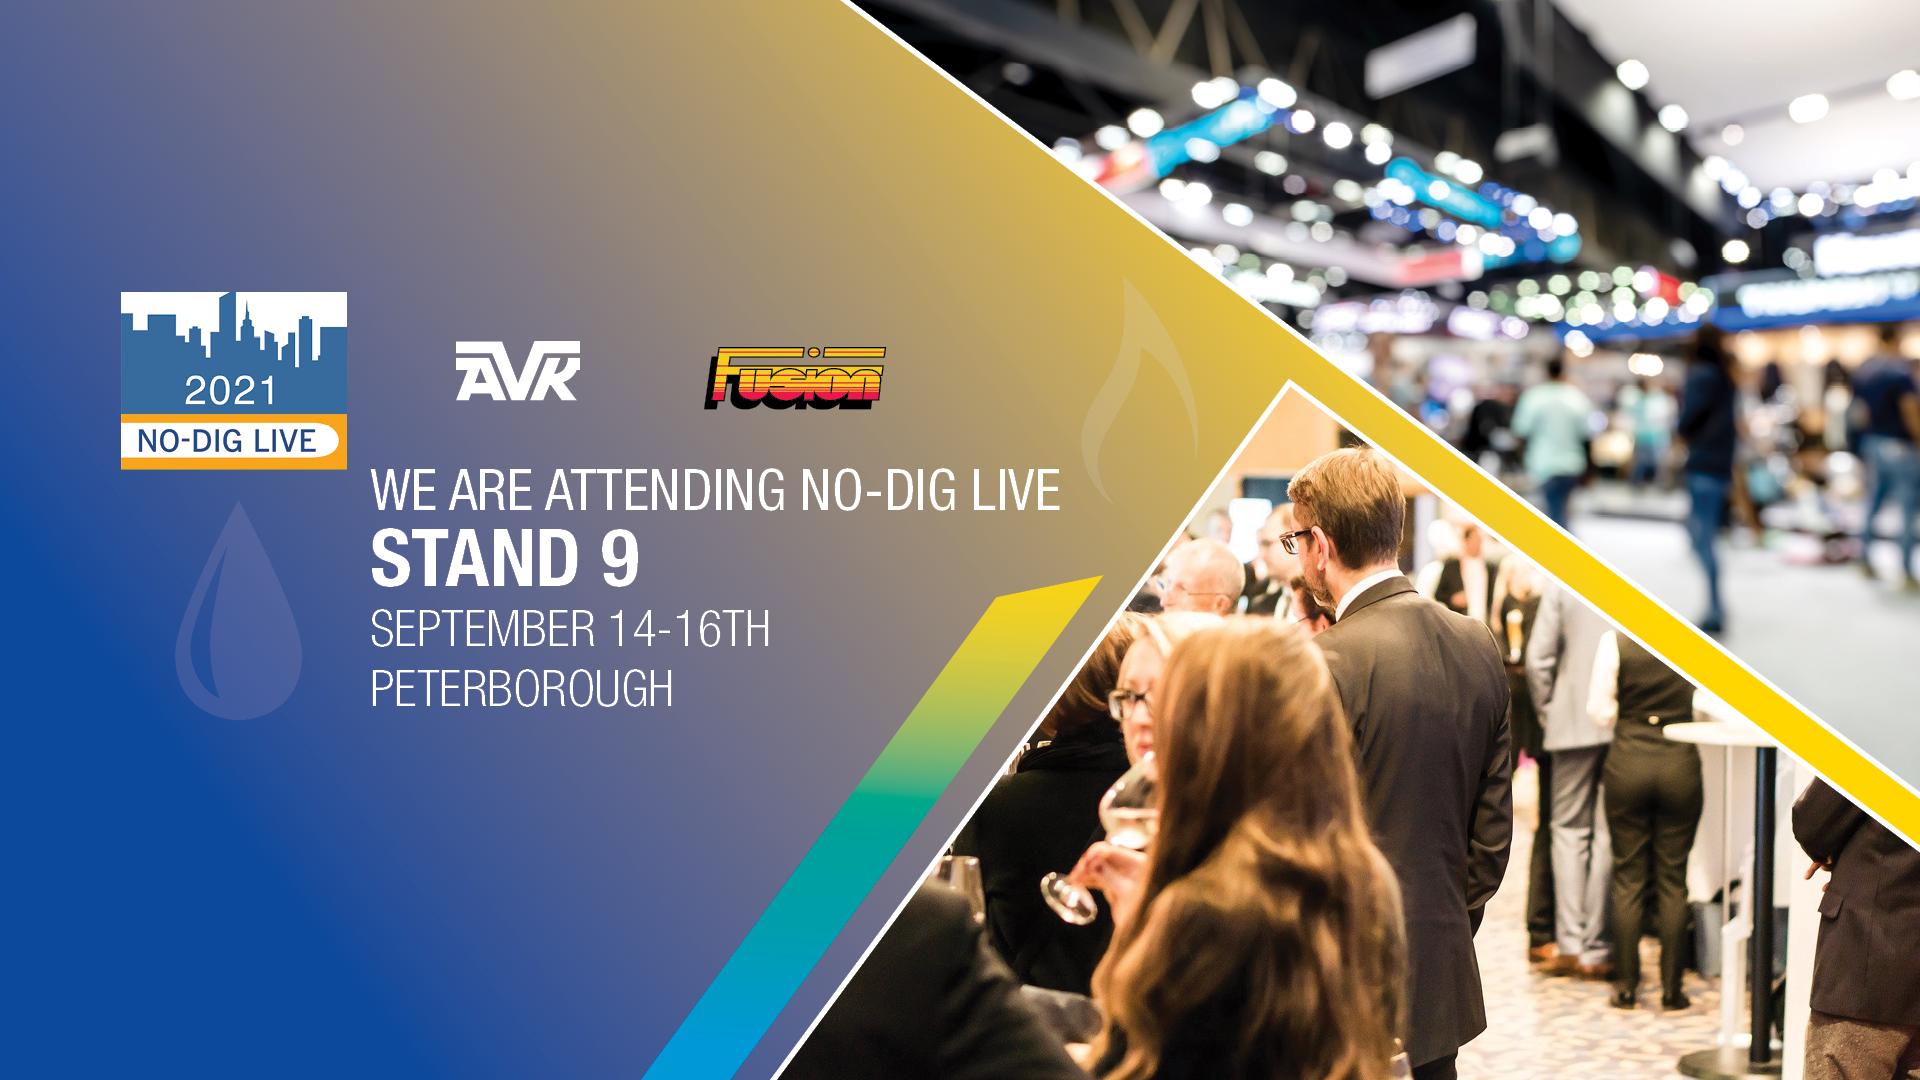 AVK UK exhibiting at No_Dig 2021